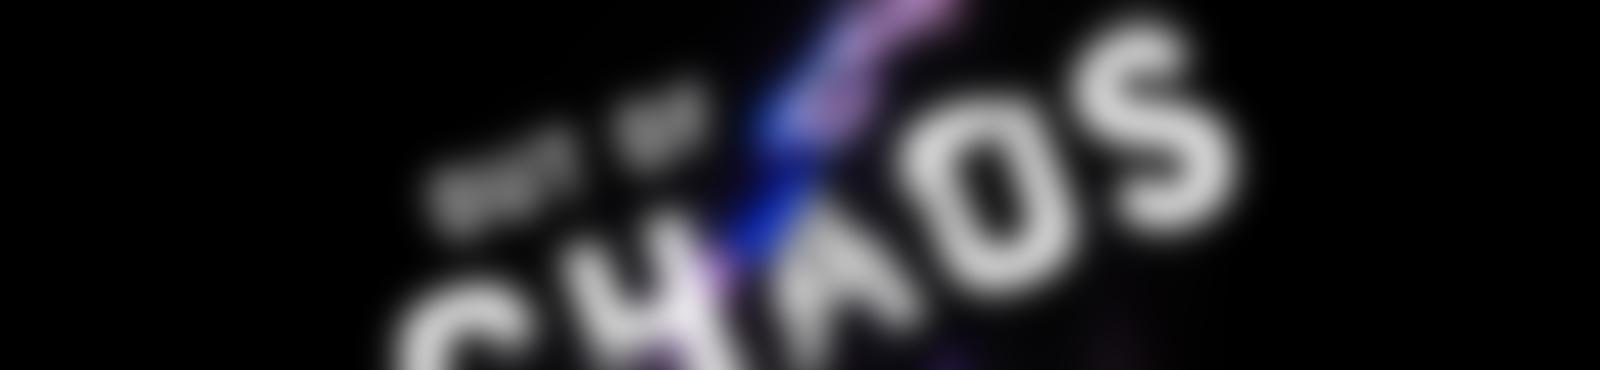 Blurred f5a6b02d 252d 46de b49b 4680ed2da83b